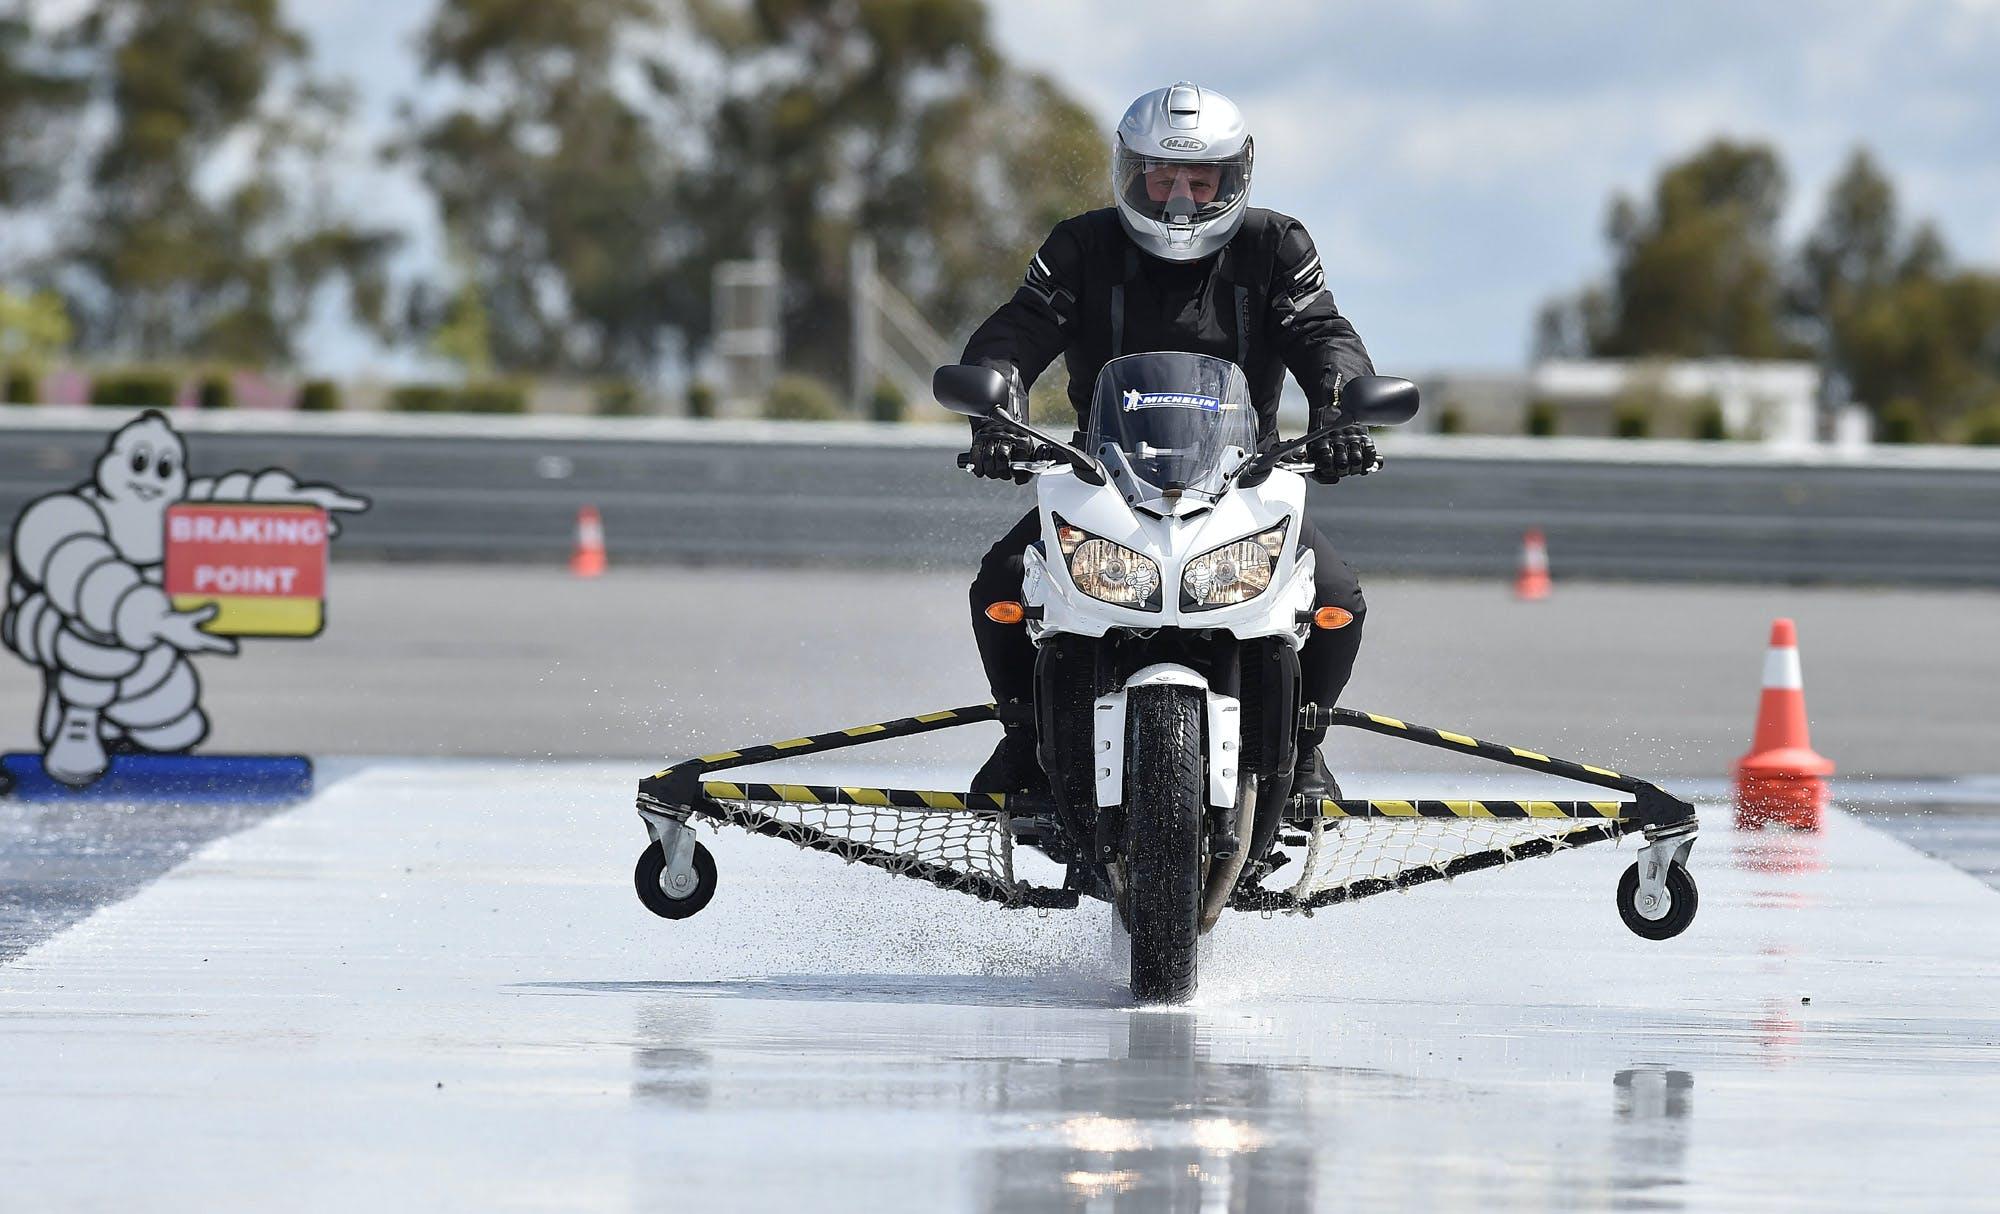 Michelin pilot road 4 test moto frenata sul bagnato